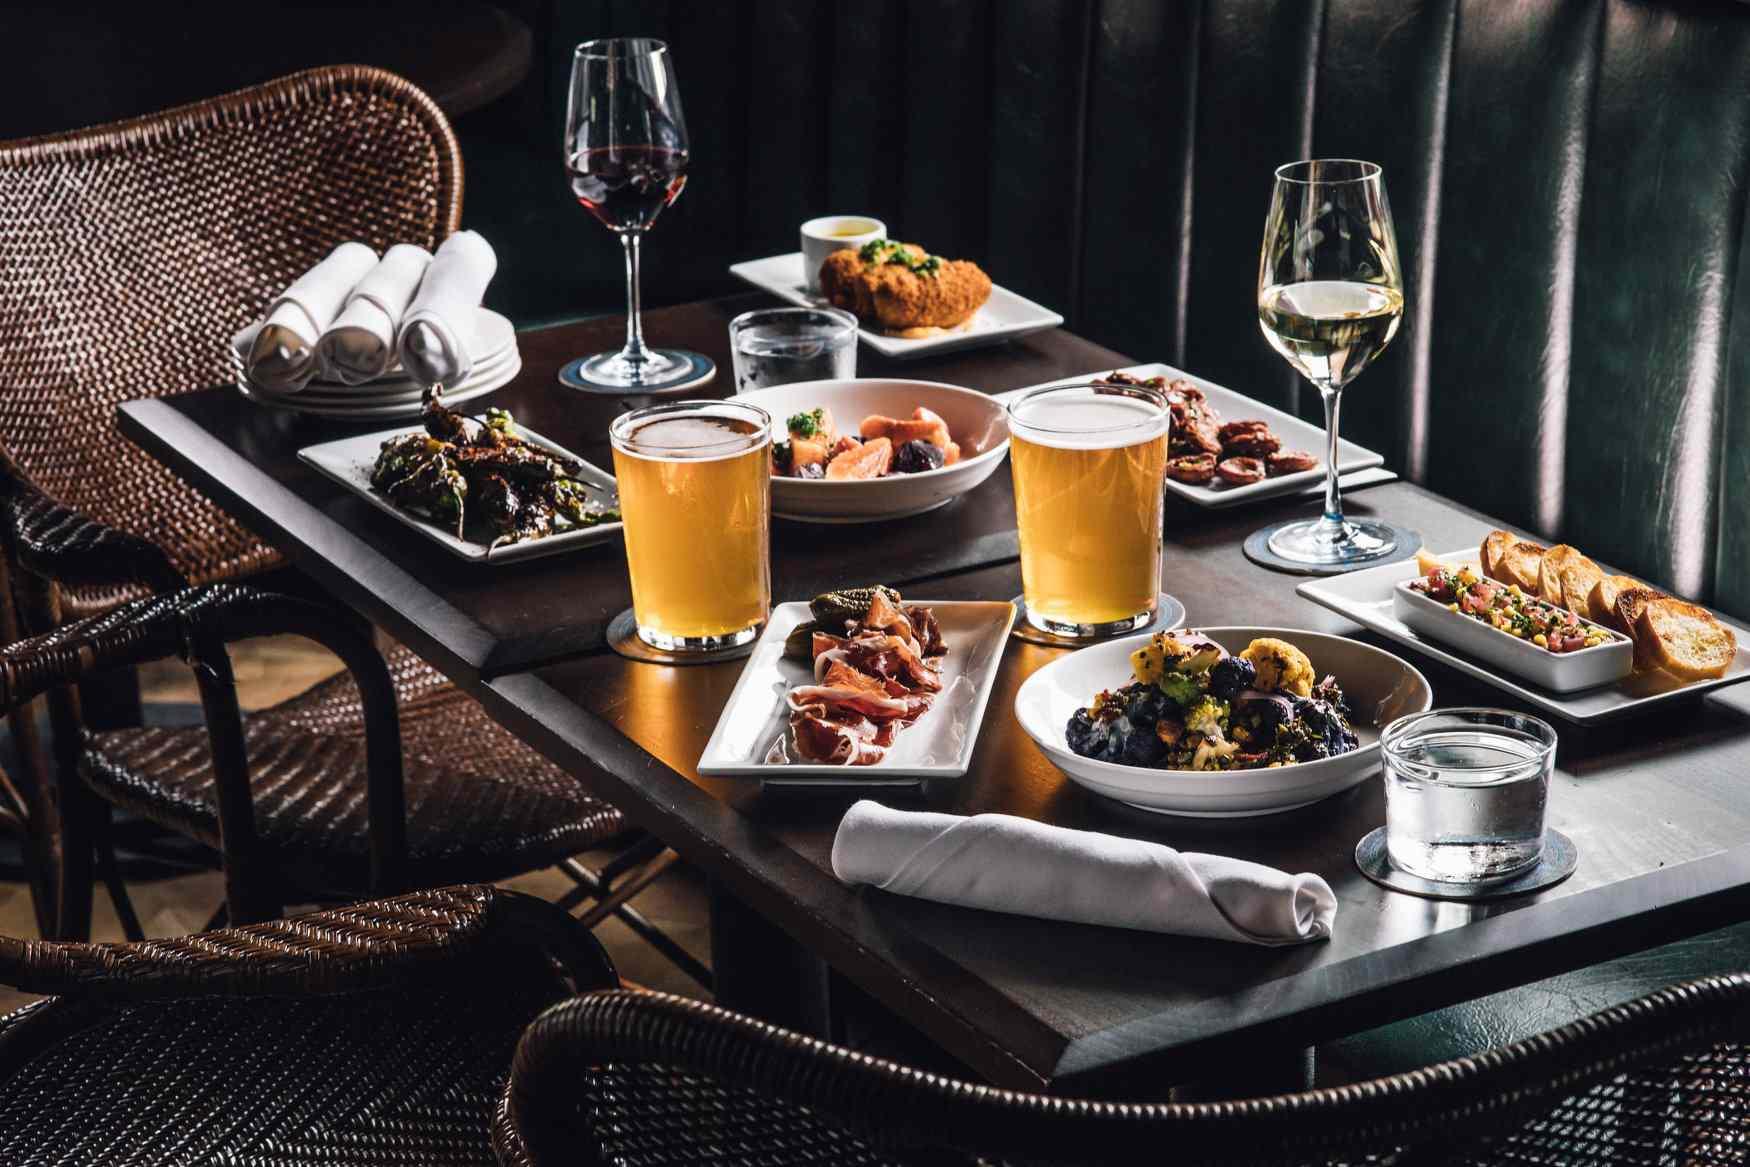 dinner spread at Blacktial restaurant